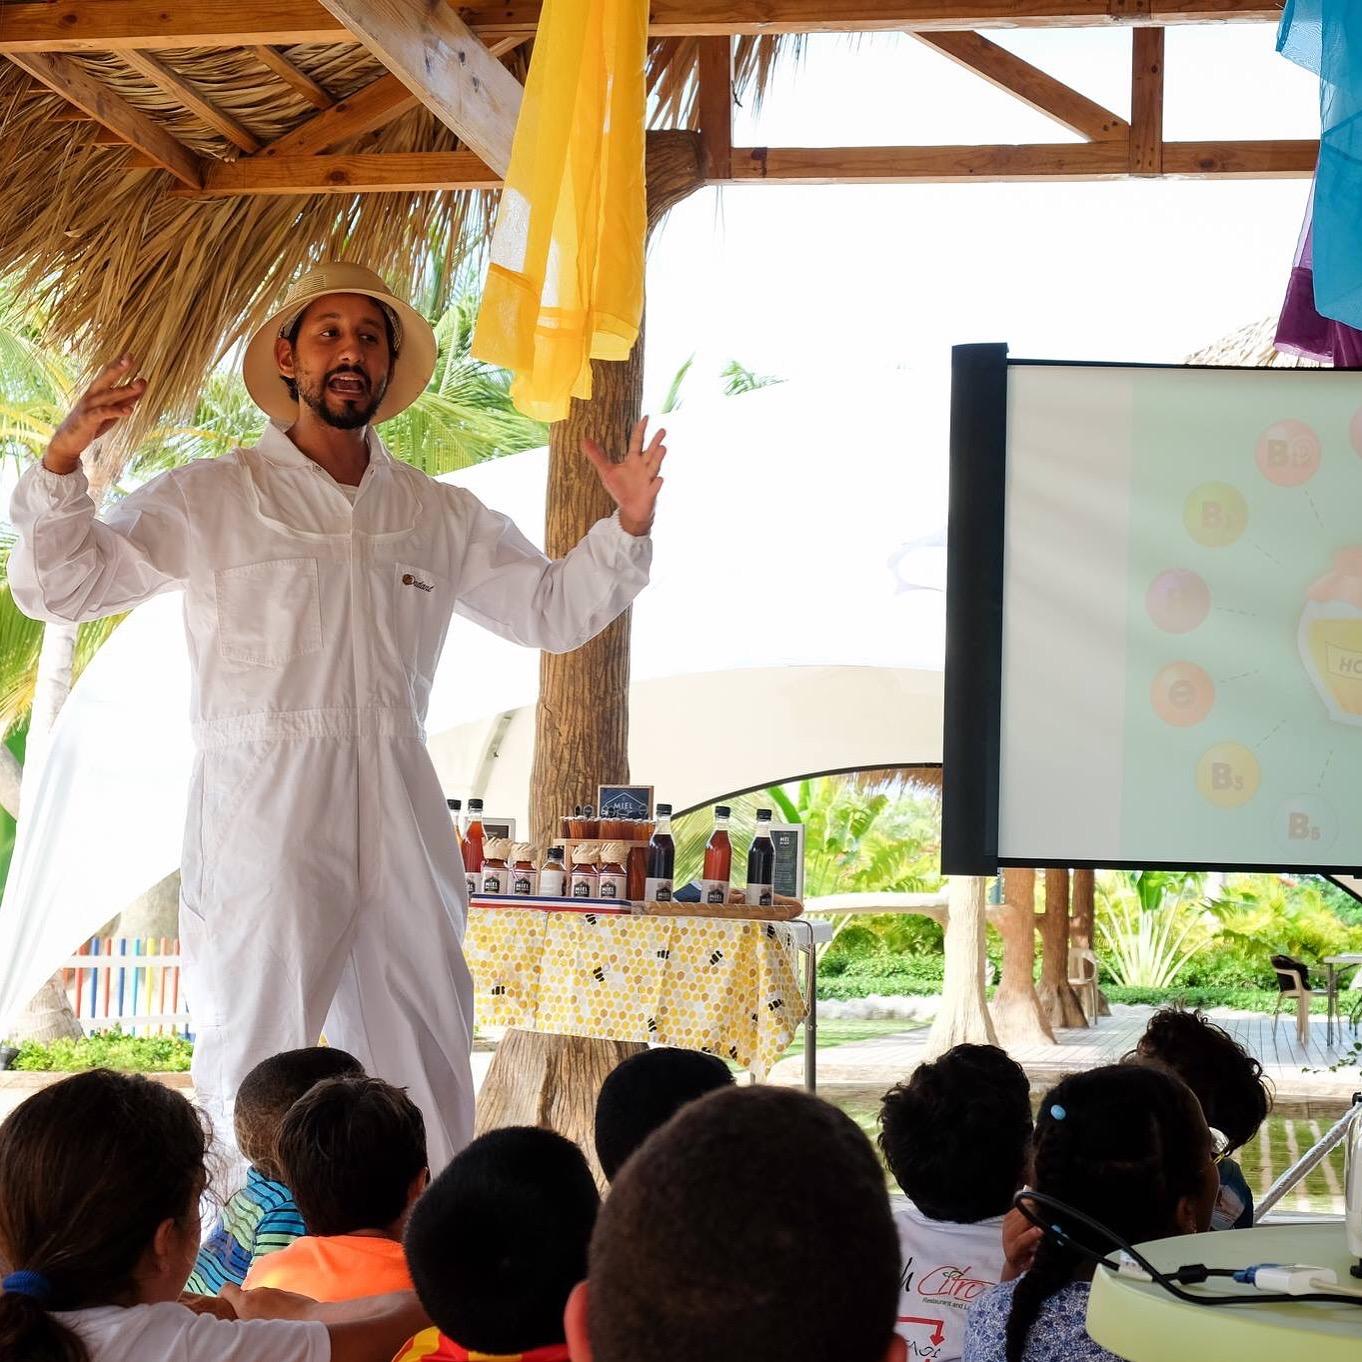 Educación - En Little Island Honey , estamos comprometidos en ayudar a educar a otros y a nuestra comunidad. Como educadores, Little Island Honey se toma muy en serio la responsabilidad social y ambiental. Creemos que es nuestra responsabilidad ayudar en educar a nuestra comunidad sobre la importancia de preservar a las abejas y proteger el planeta.Trabajamos con escuelas, compañías y otras organizaciones para colaborar y difundir la información sobre cuán importantes son las abejas para nuestras vidas, la población y el mundo en general. Nuestro CEO y fundador, Jonatan, habla con frecuencia a estudiantes de todo el país. También trabaja con compañías para ayudar con el removimiento seguro de las abejas y trabaja para reubicar las colmenas que están en peligro.¡Continuamos buscando formas de impactar nuestra comunidad para las generaciones venideras! ¡Estén atentos para ver nuestros próximos pasos y progresos!